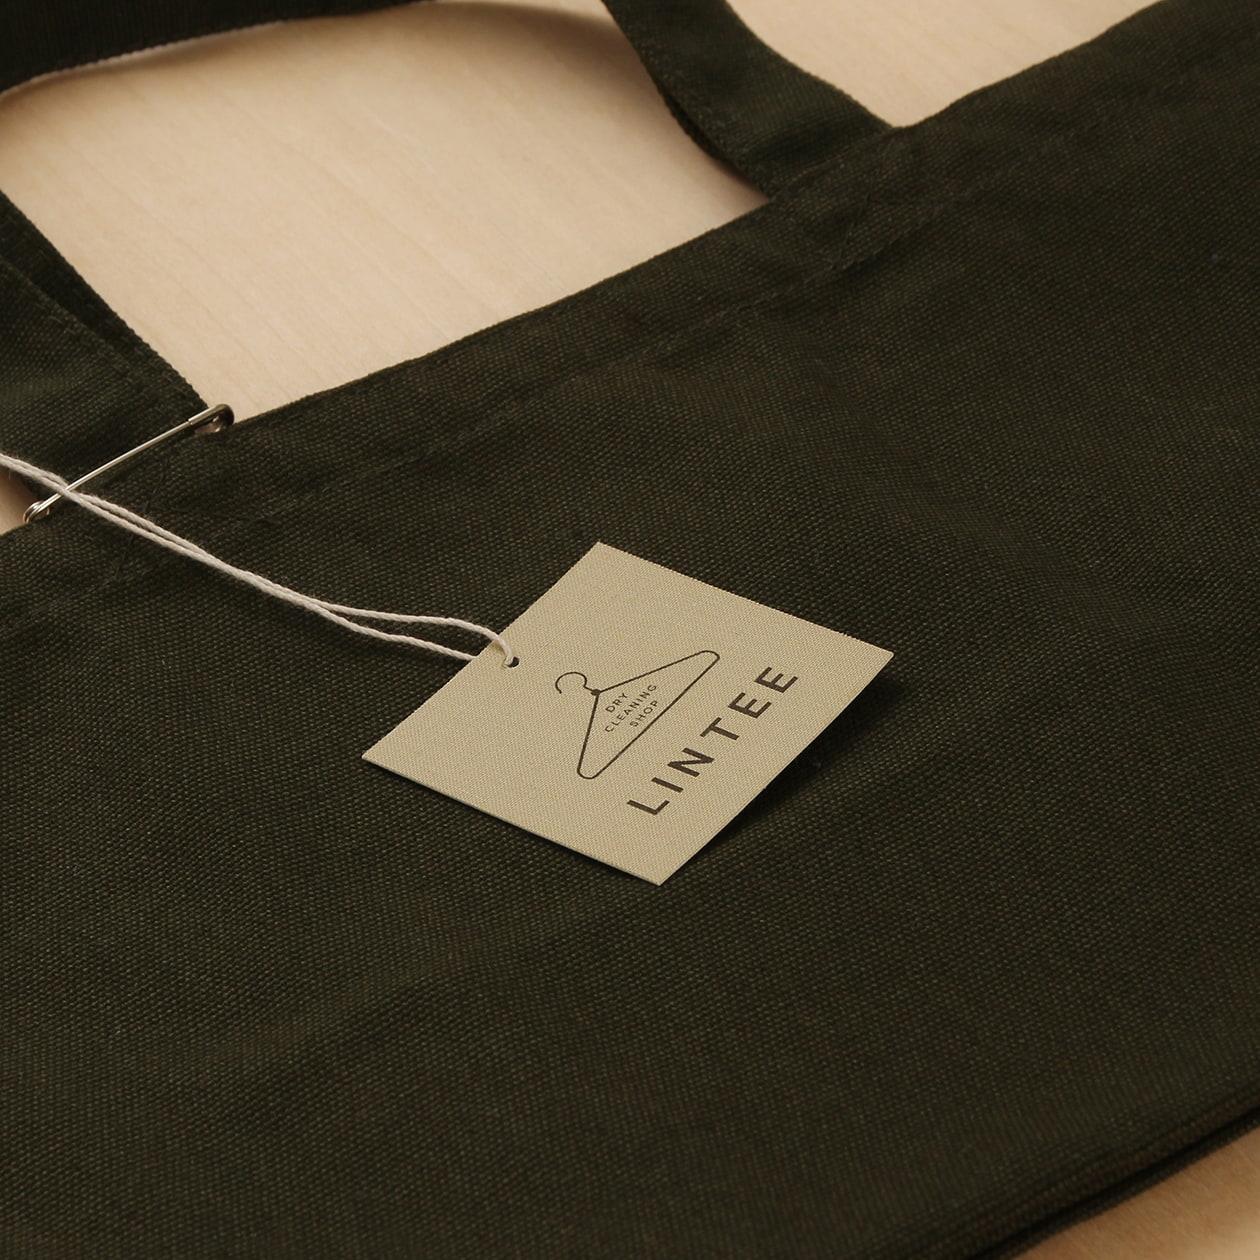 布の触感の商品タグ